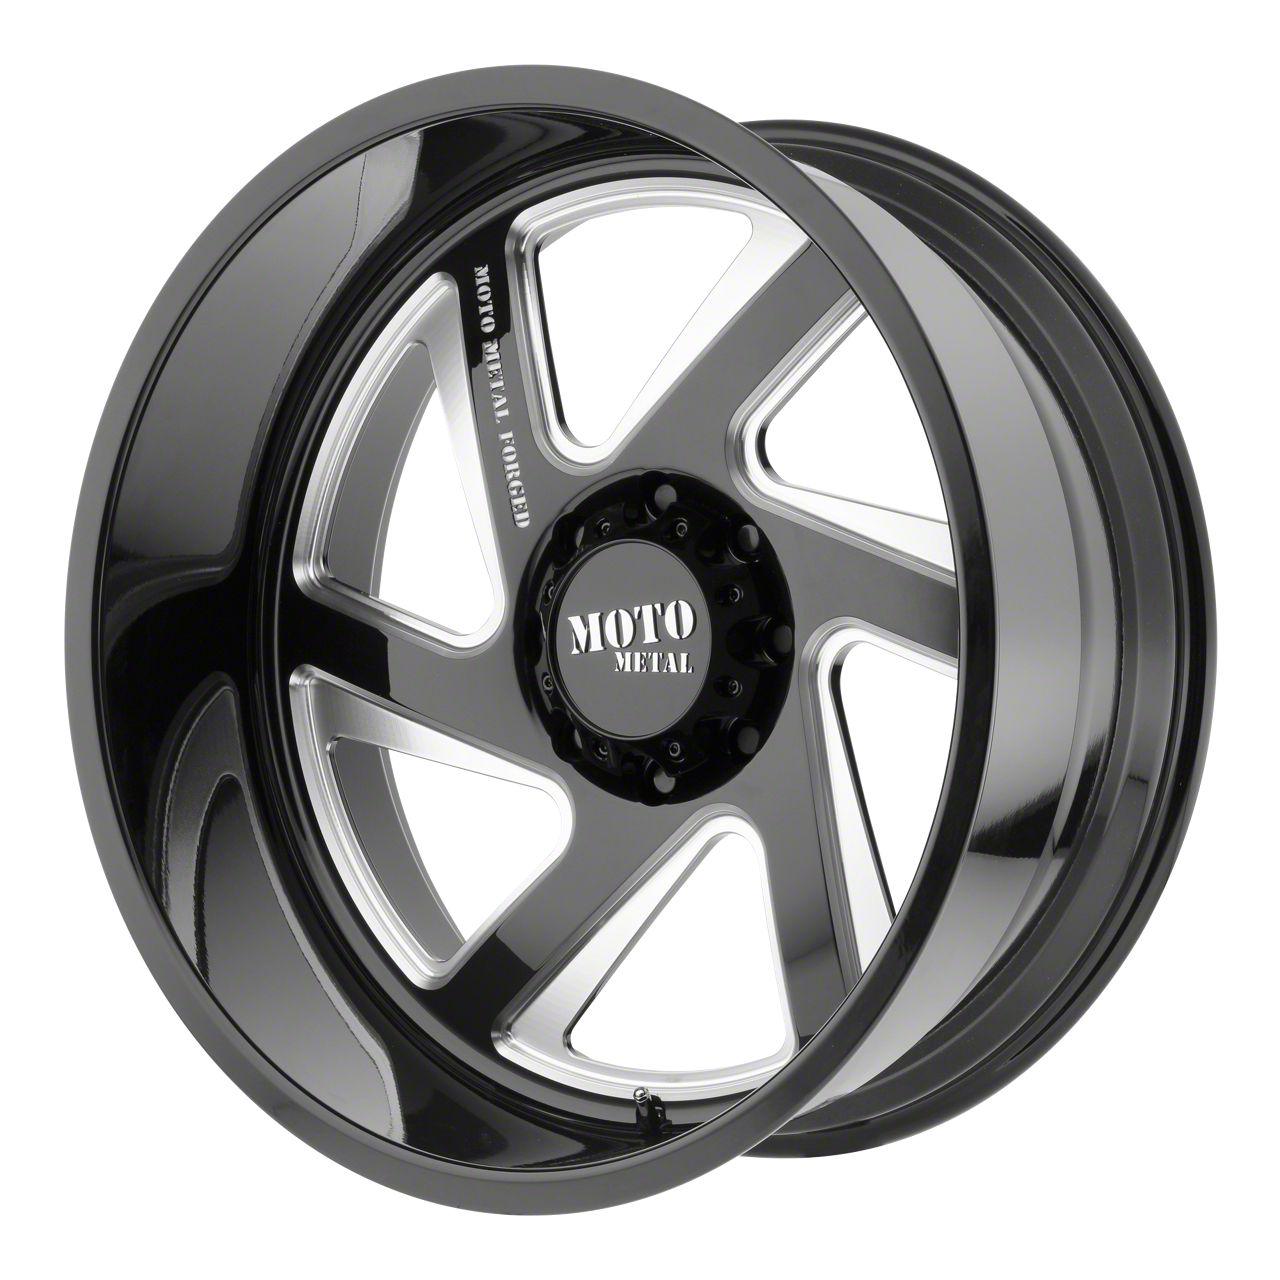 Moto Metal MO400 Gloss Black Milled 6-Lug Wheel - Driver Side - 22x10 (99-19 Silverado 1500)